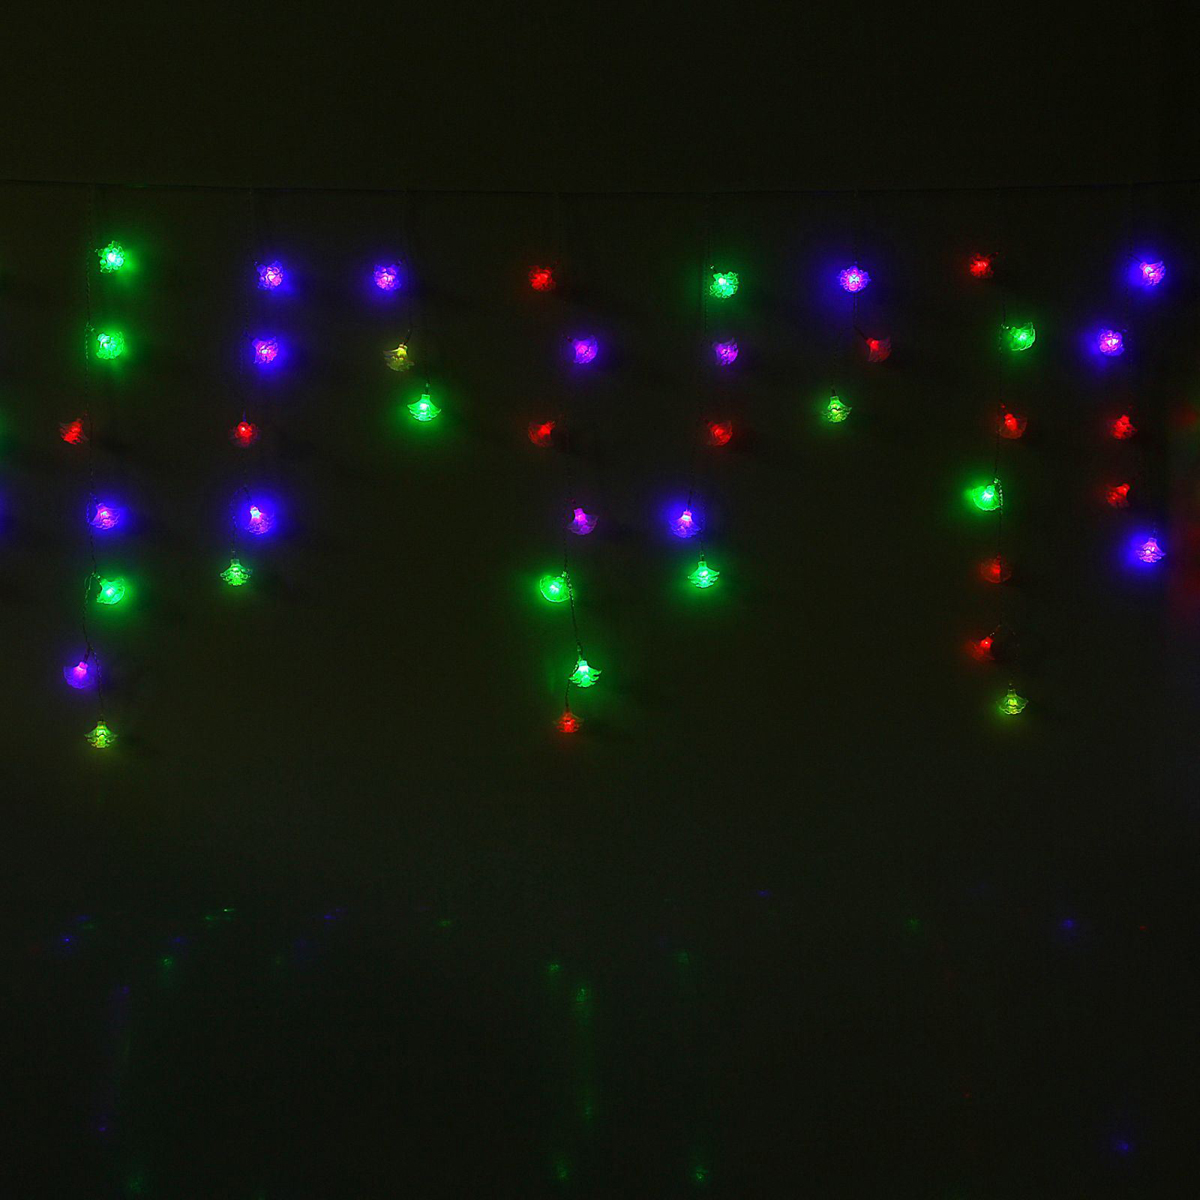 Гирлянда светодиодная Luazon Бахрома. Георгин, 100 ламп, 220 V, цвет: мультиколор, 2,8 х 0,6 м. 10804471080447Светодиодные гирлянды, ленты и т.д — это отличный вариант для новогоднего оформления интерьера или фасада. С их помощью помещение любого размера можно превратить в праздничный зал, а внешние элементы зданий, украшенные ими, мгновенно станут напоминать очертания сказочного дворца. Такие украшения создают ауру предвкушения чуда. Деревья, фасады, витрины, окна и арки будто специально созданы, чтобы вы украсили их светящимися нитями.